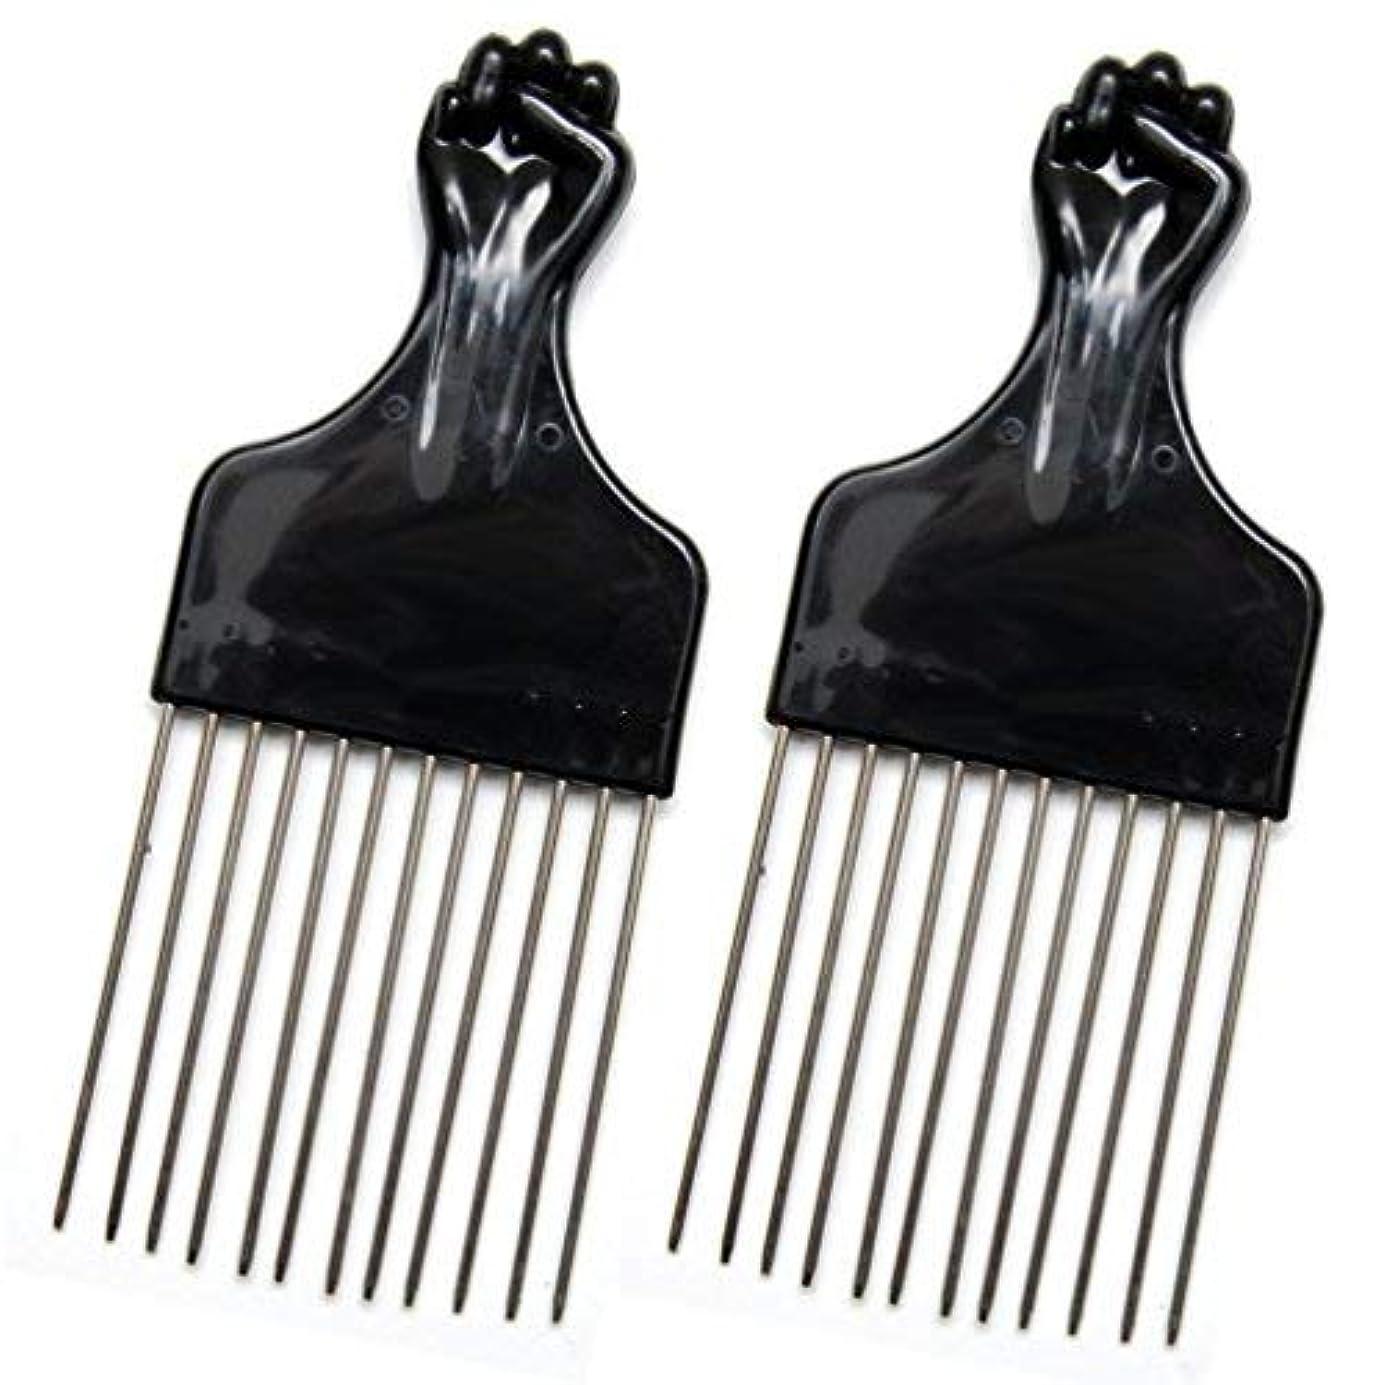 顔料増幅するエンジニアLuxxii (2 Pack) 6.75